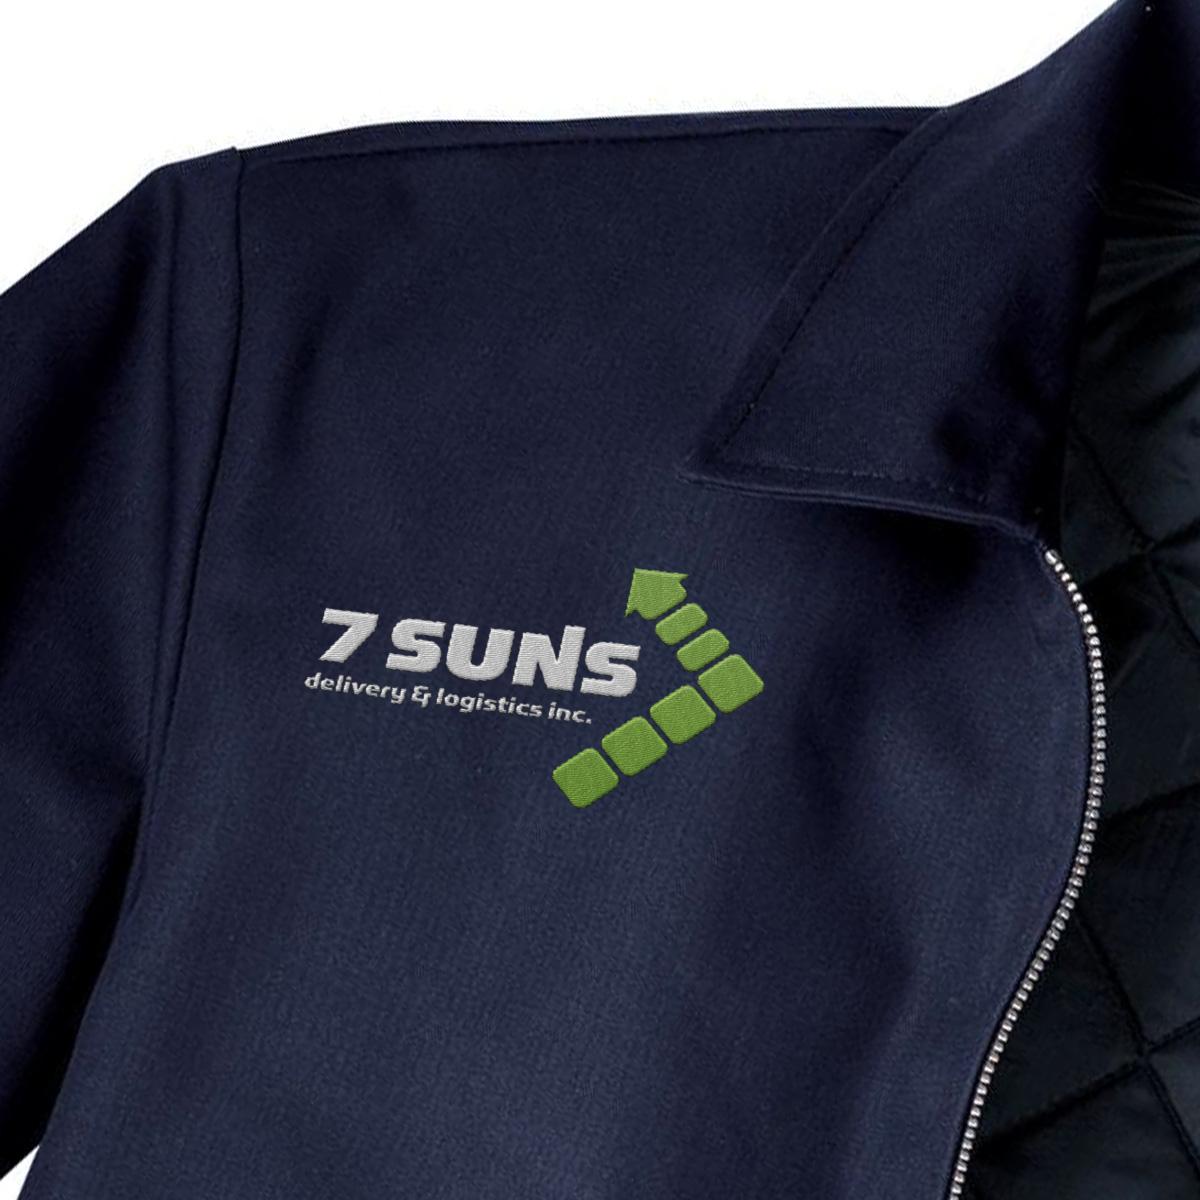 7 Suns - Shirt